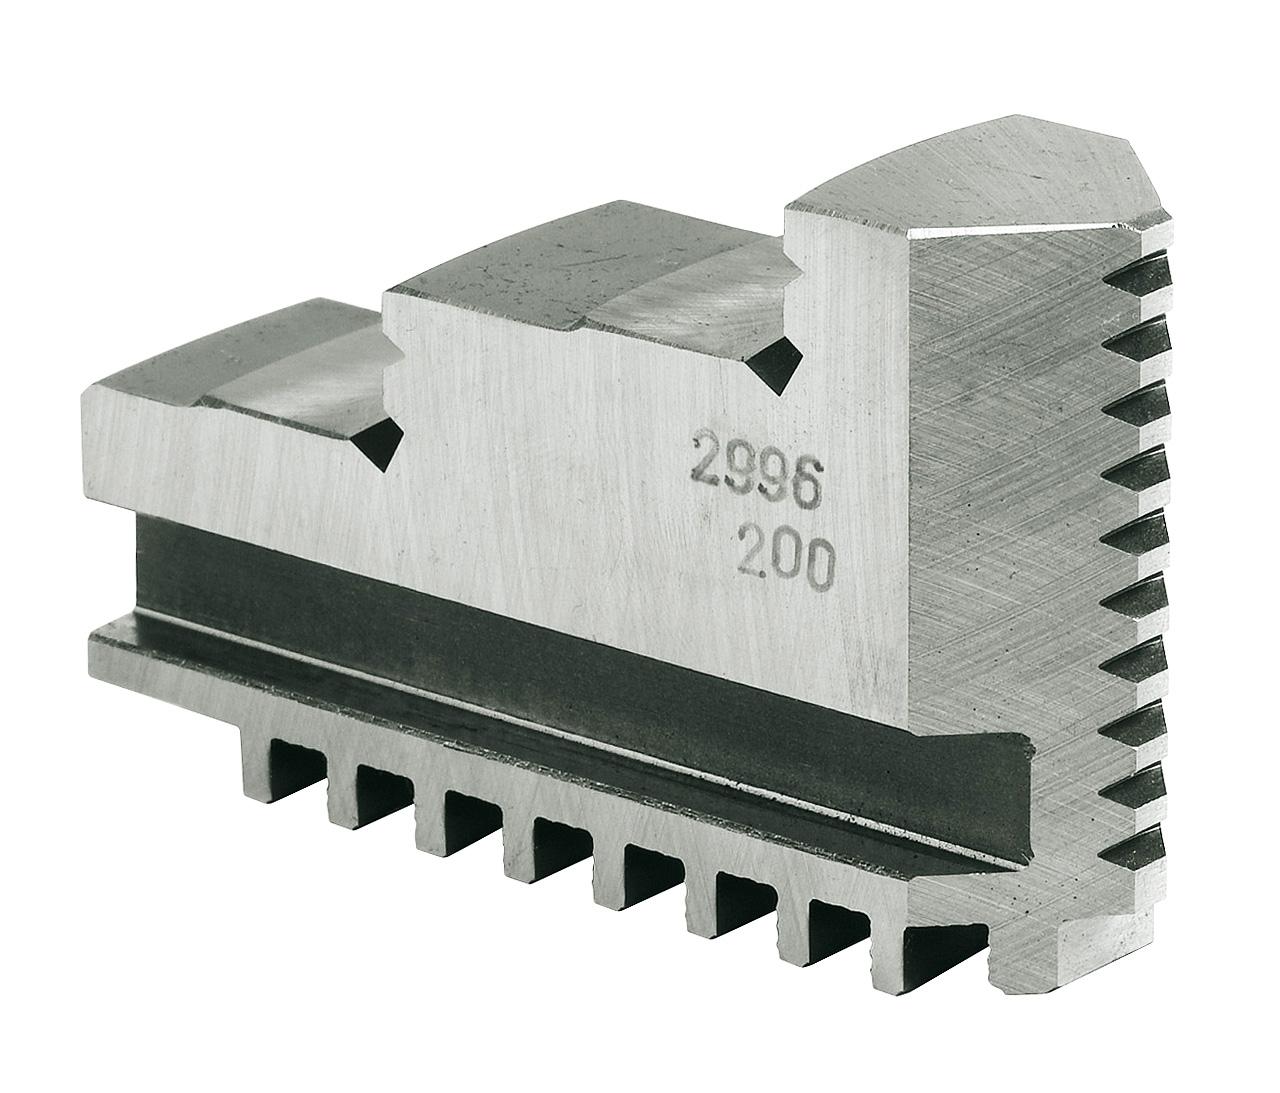 Szczęki jednolite twarde zewnętrzne - komplet DOJ-DK11-100 BERNARDO